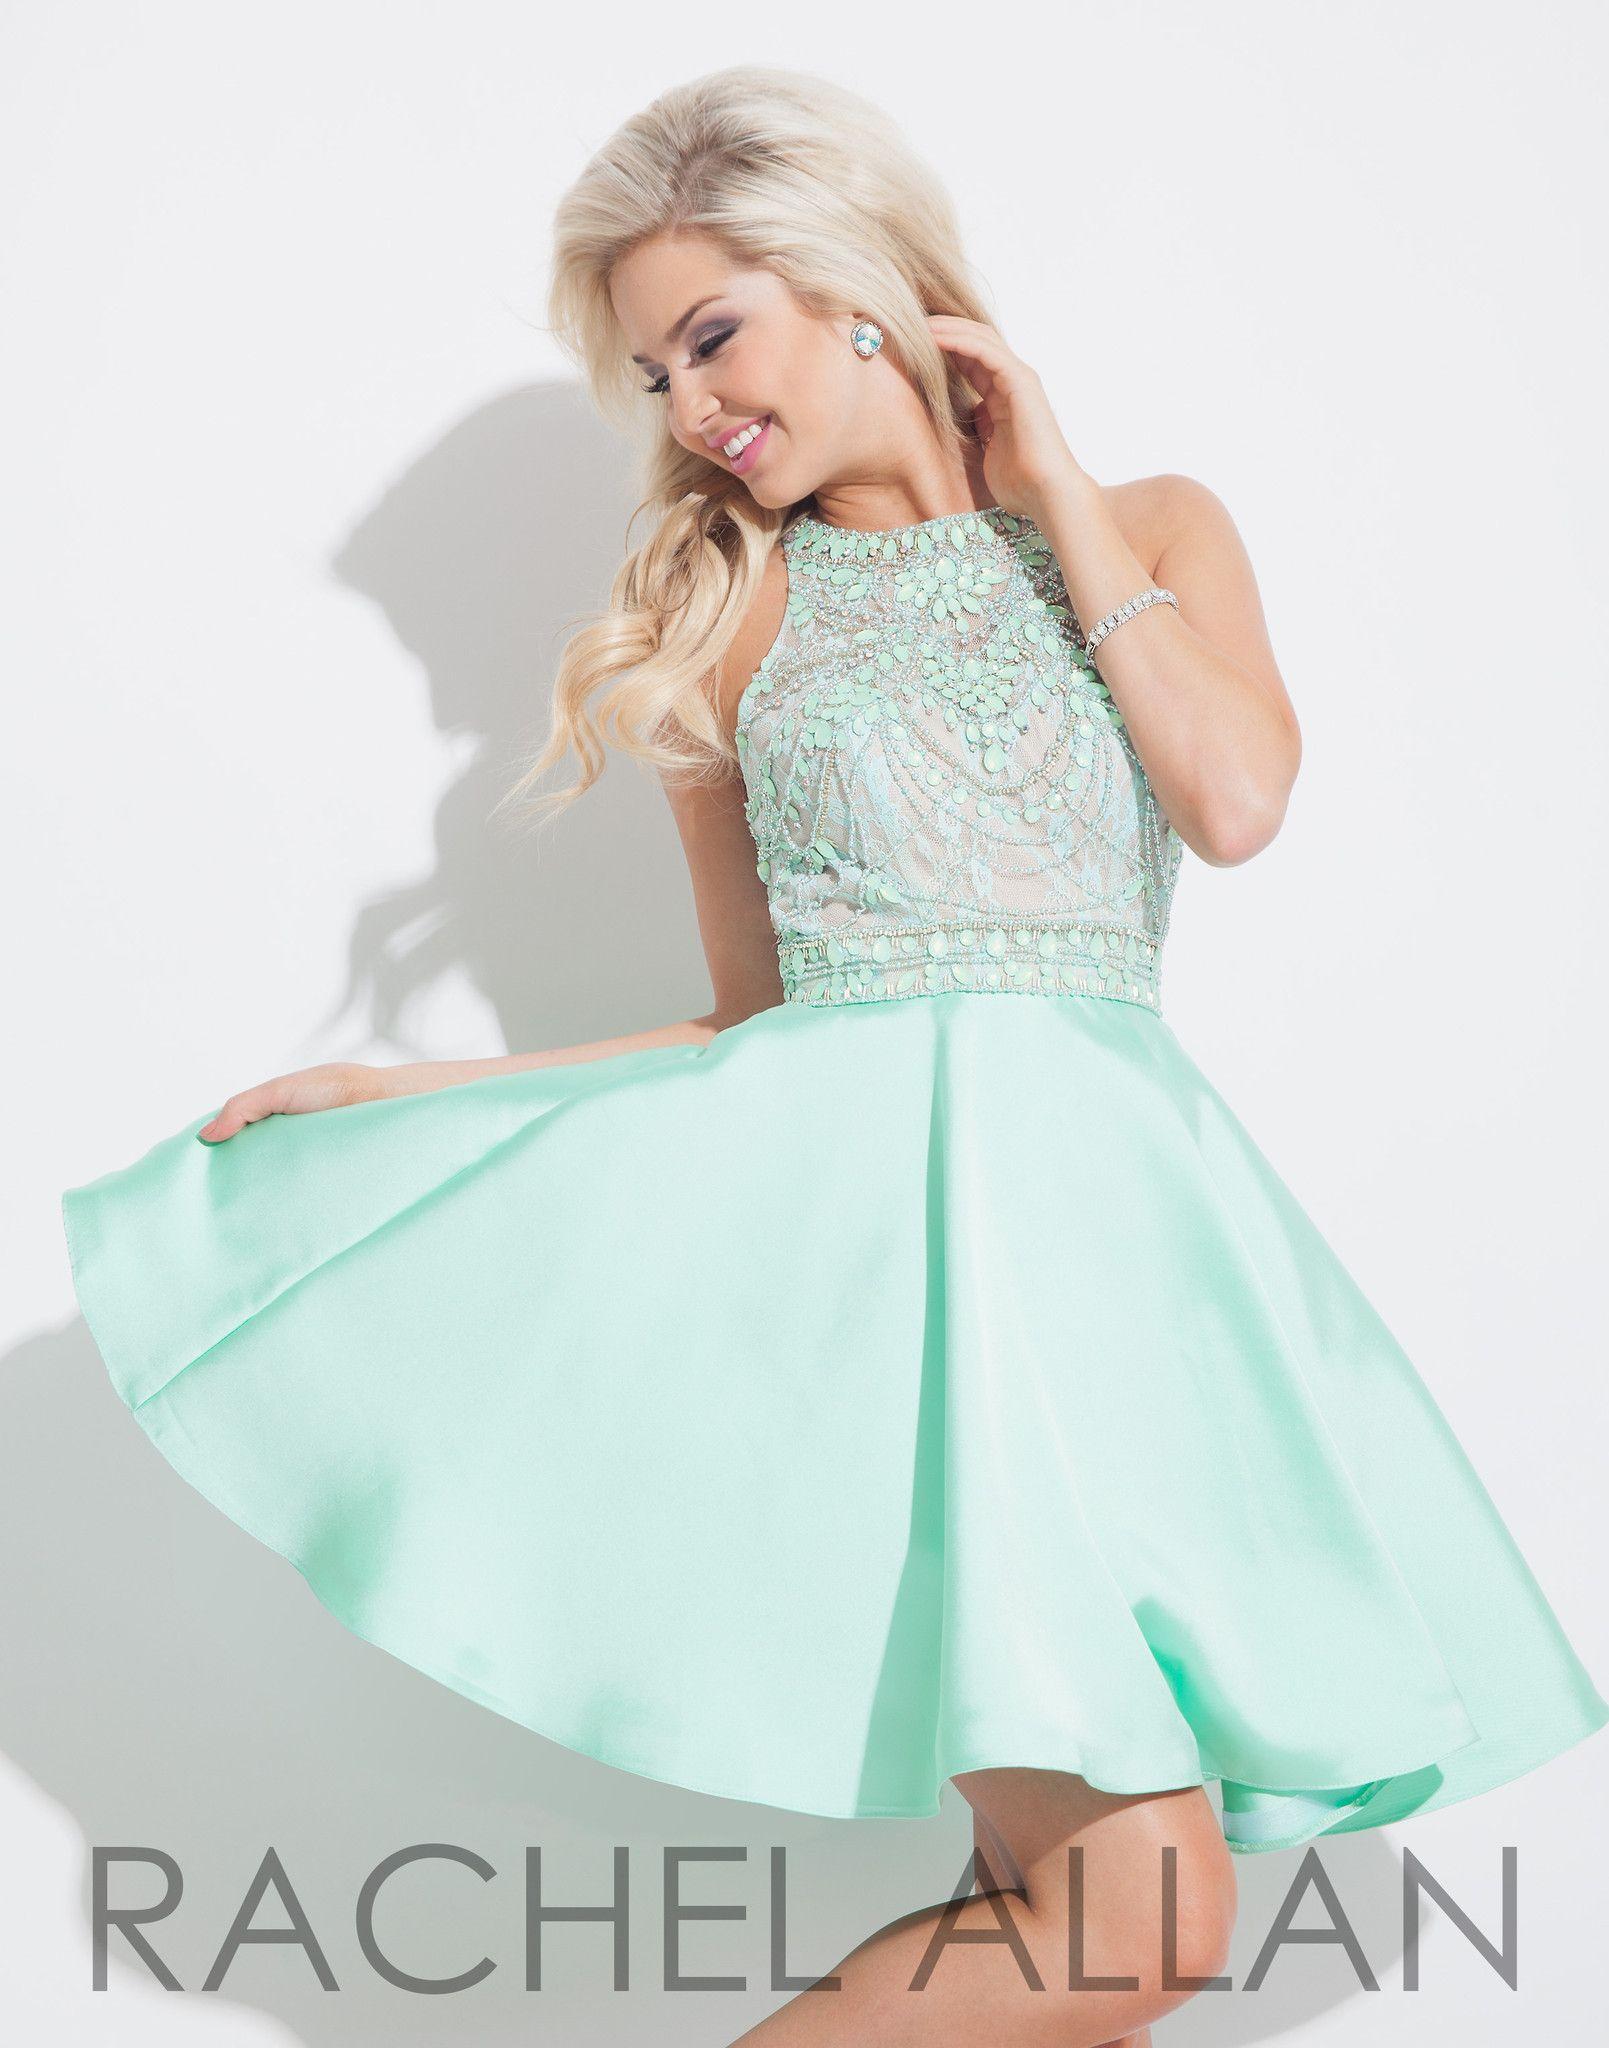 Rachel allan mint homecoming dress dresses pinterest mint